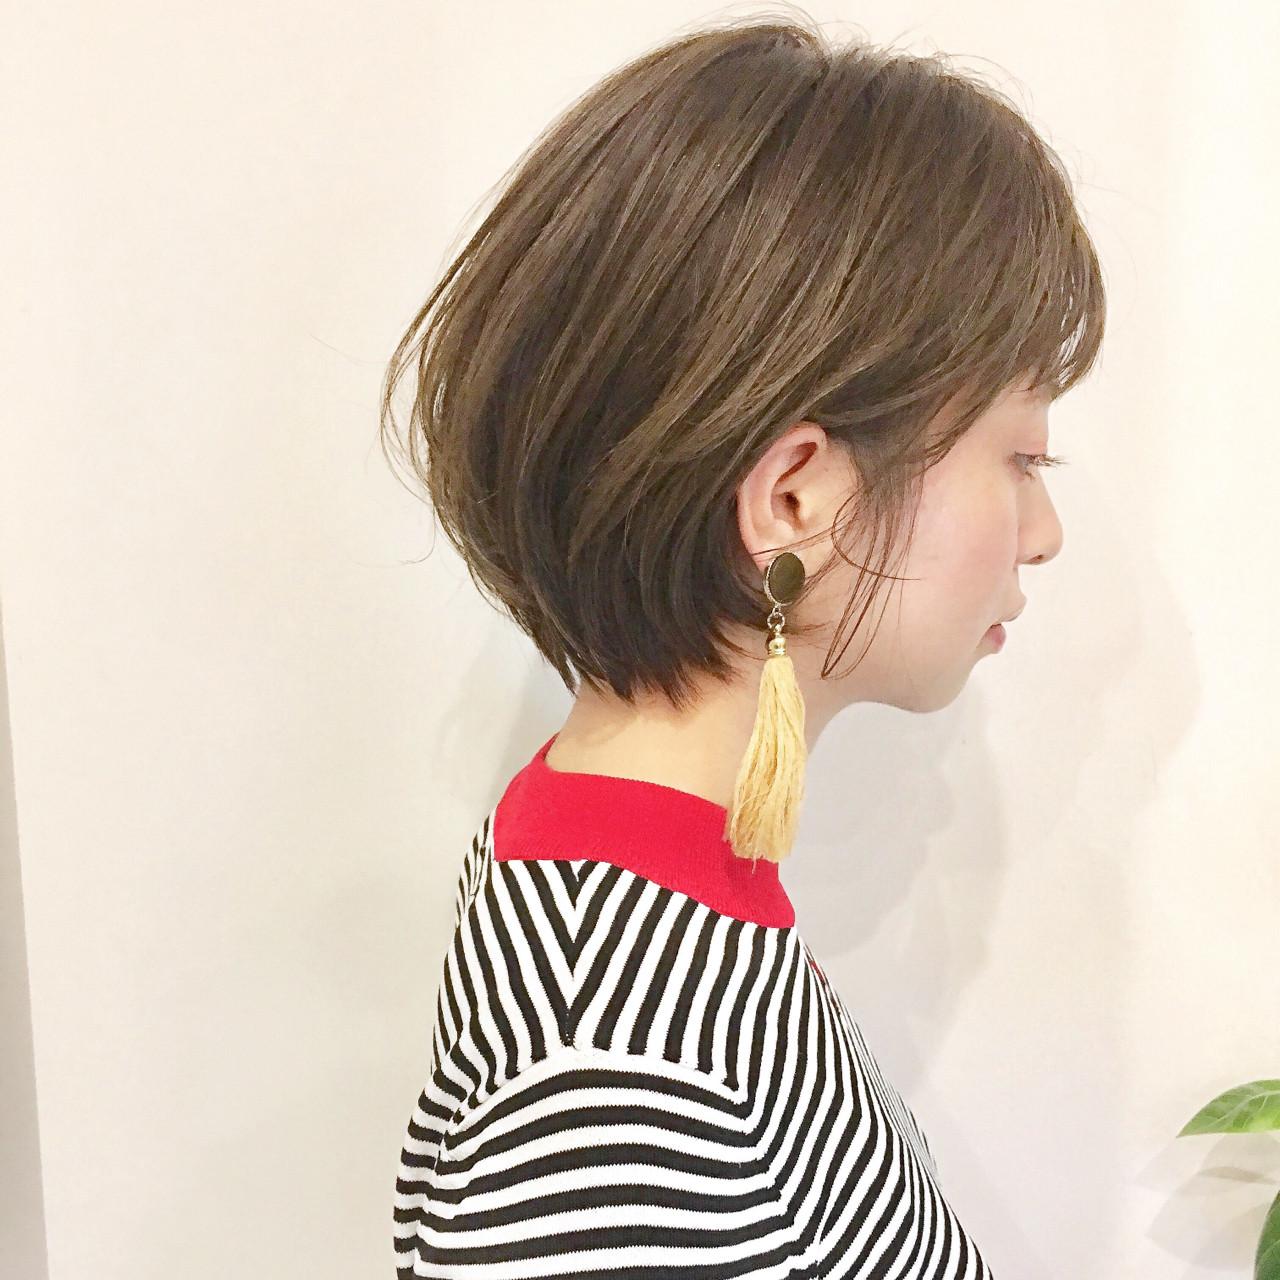 色気 前髪あり 大人かわいい ショート ヘアスタイルや髪型の写真・画像 | ショートボブの匠【 山内大成 】『i.hair』 / 『 i. 』 omotesando